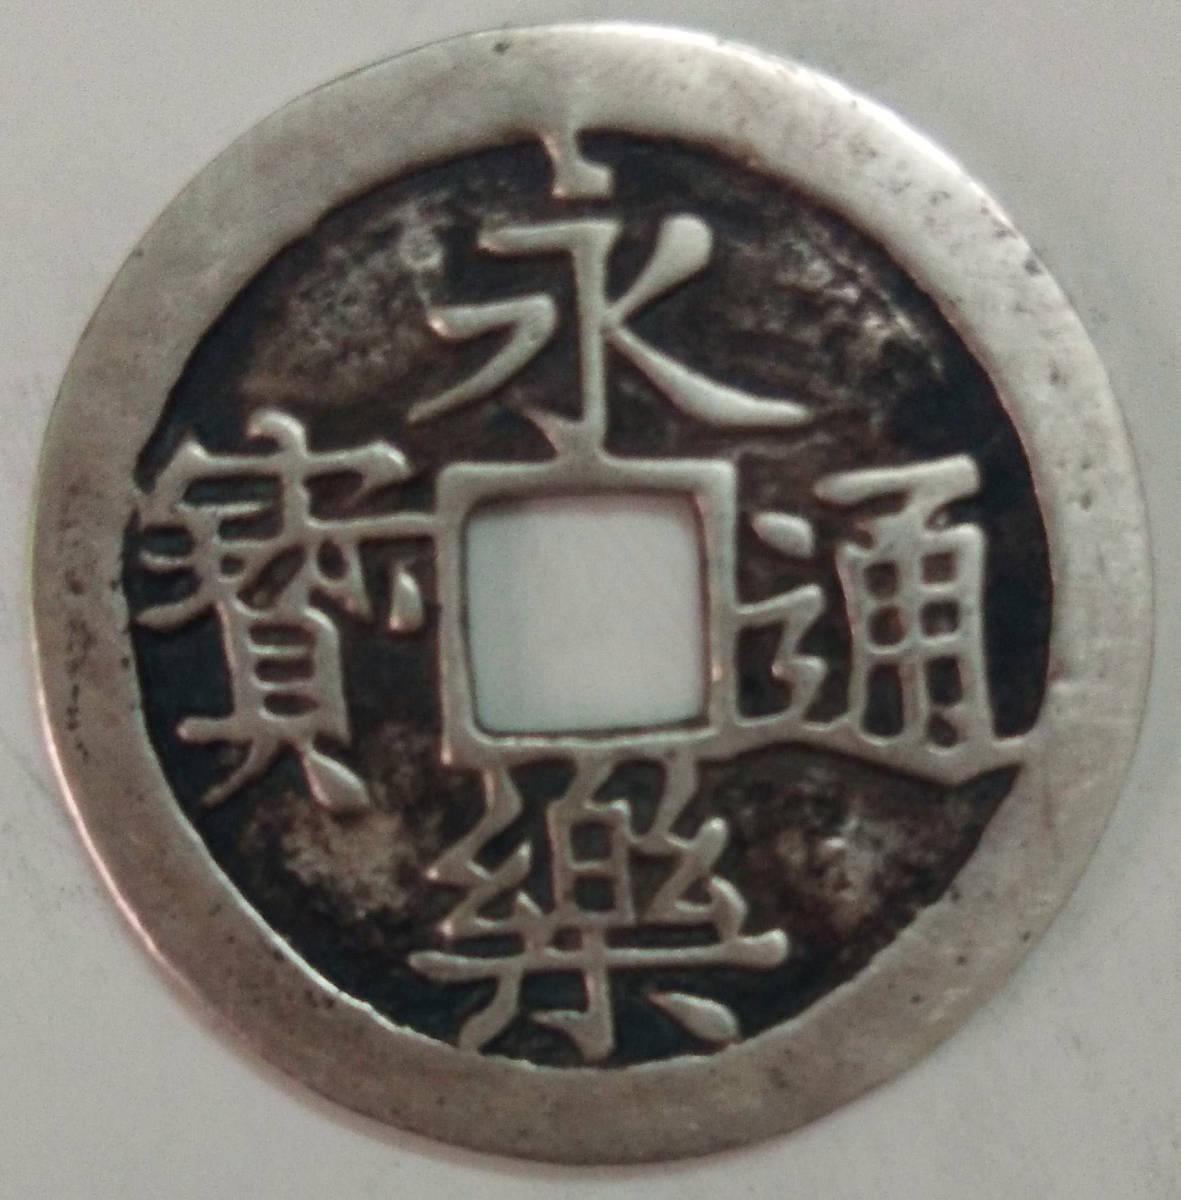 日本古銭 銀貨【皇朝銭 永樂通寶】銀貨 希少 25.3mm重さ4.0g